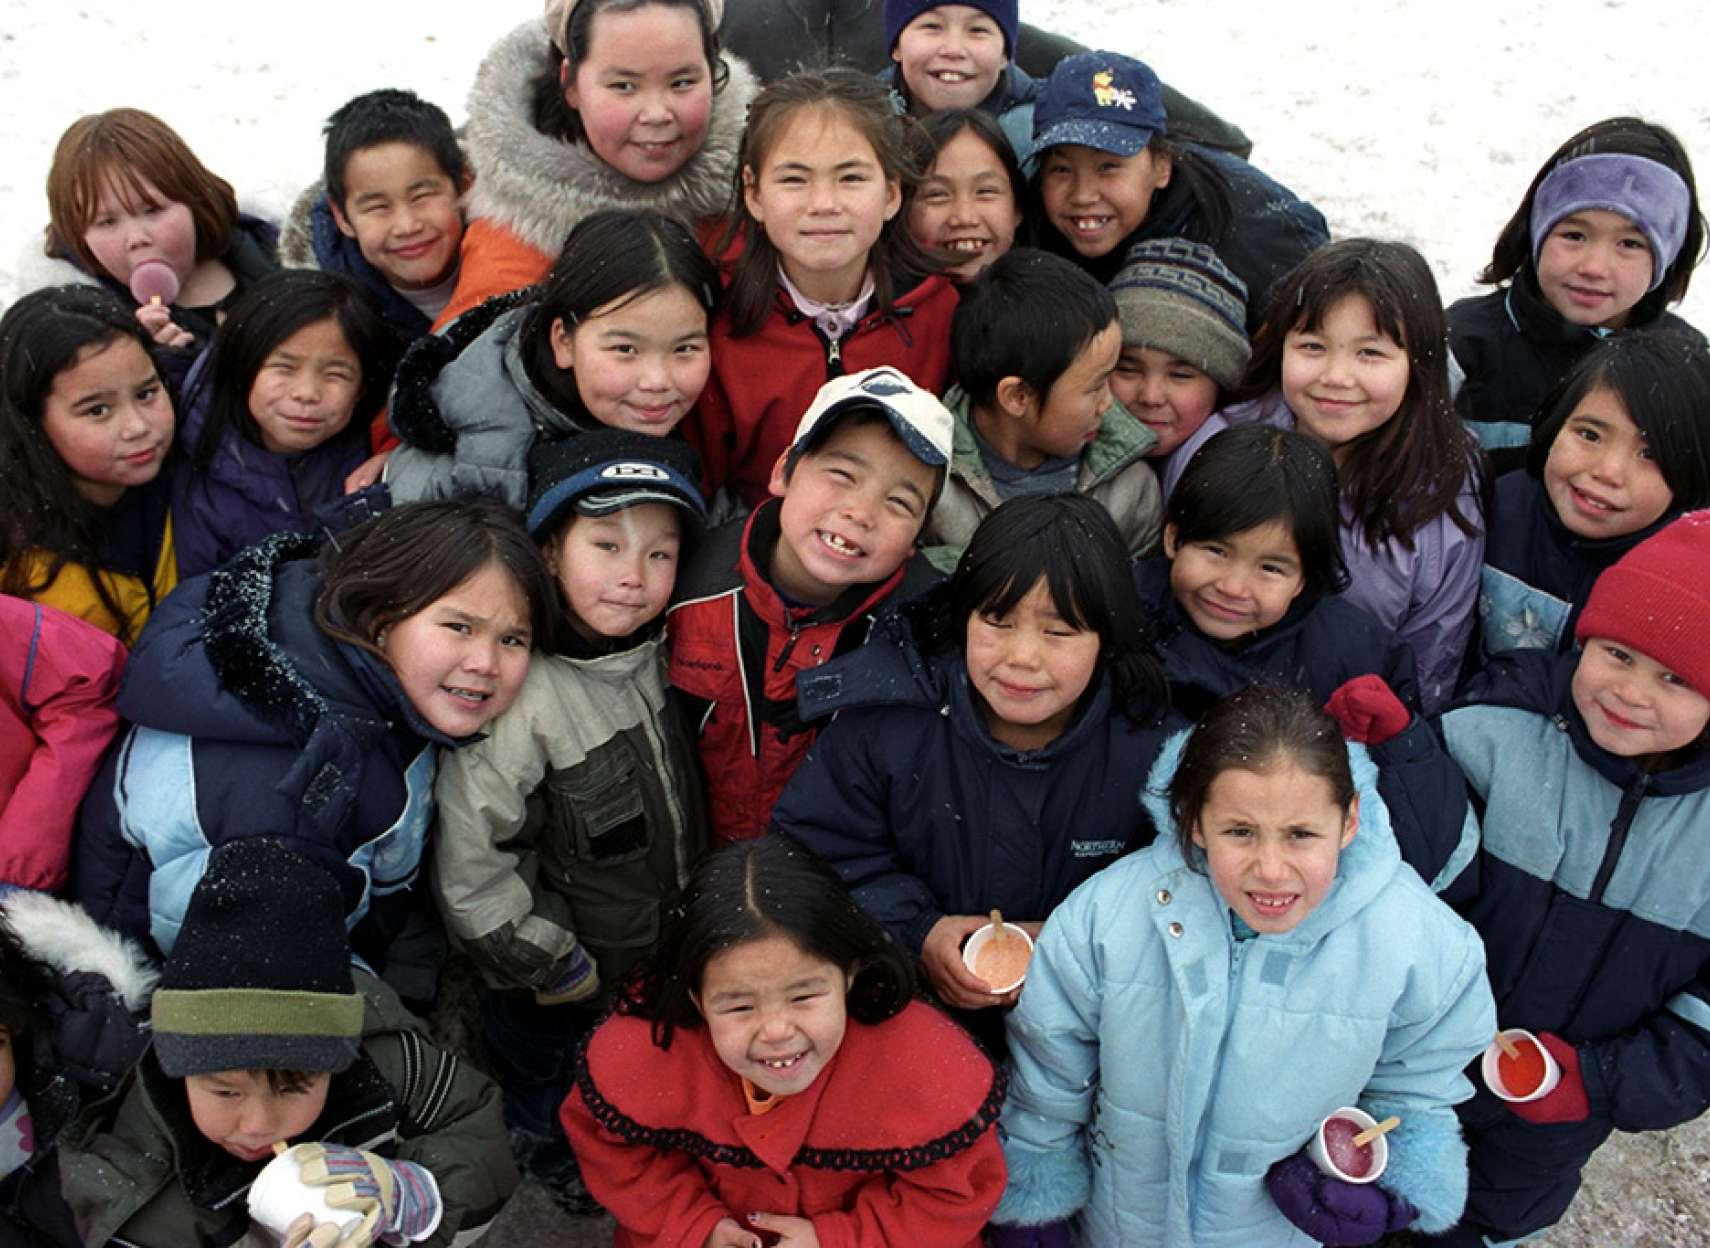 اخبار-کانادا-اتاوا-به-فرزندان-بومی-مورد-تبعیض-40-هزار-دلار-غرامت-میدهد